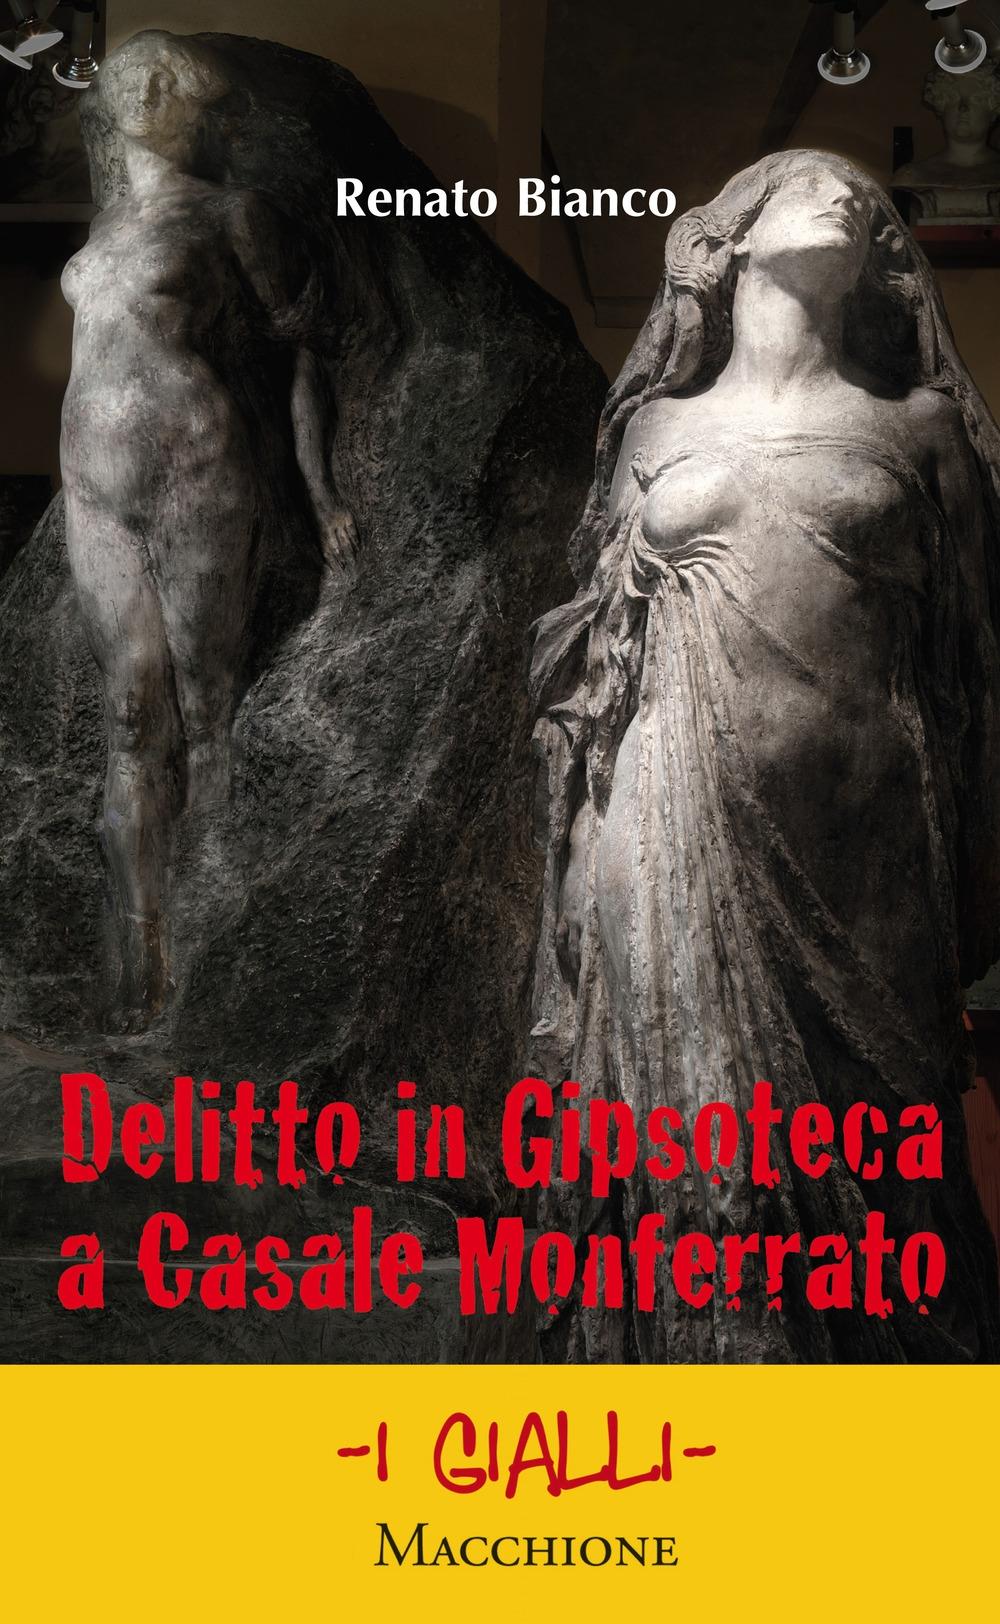 Delitto in Gipsoteca a Casale Monferrato